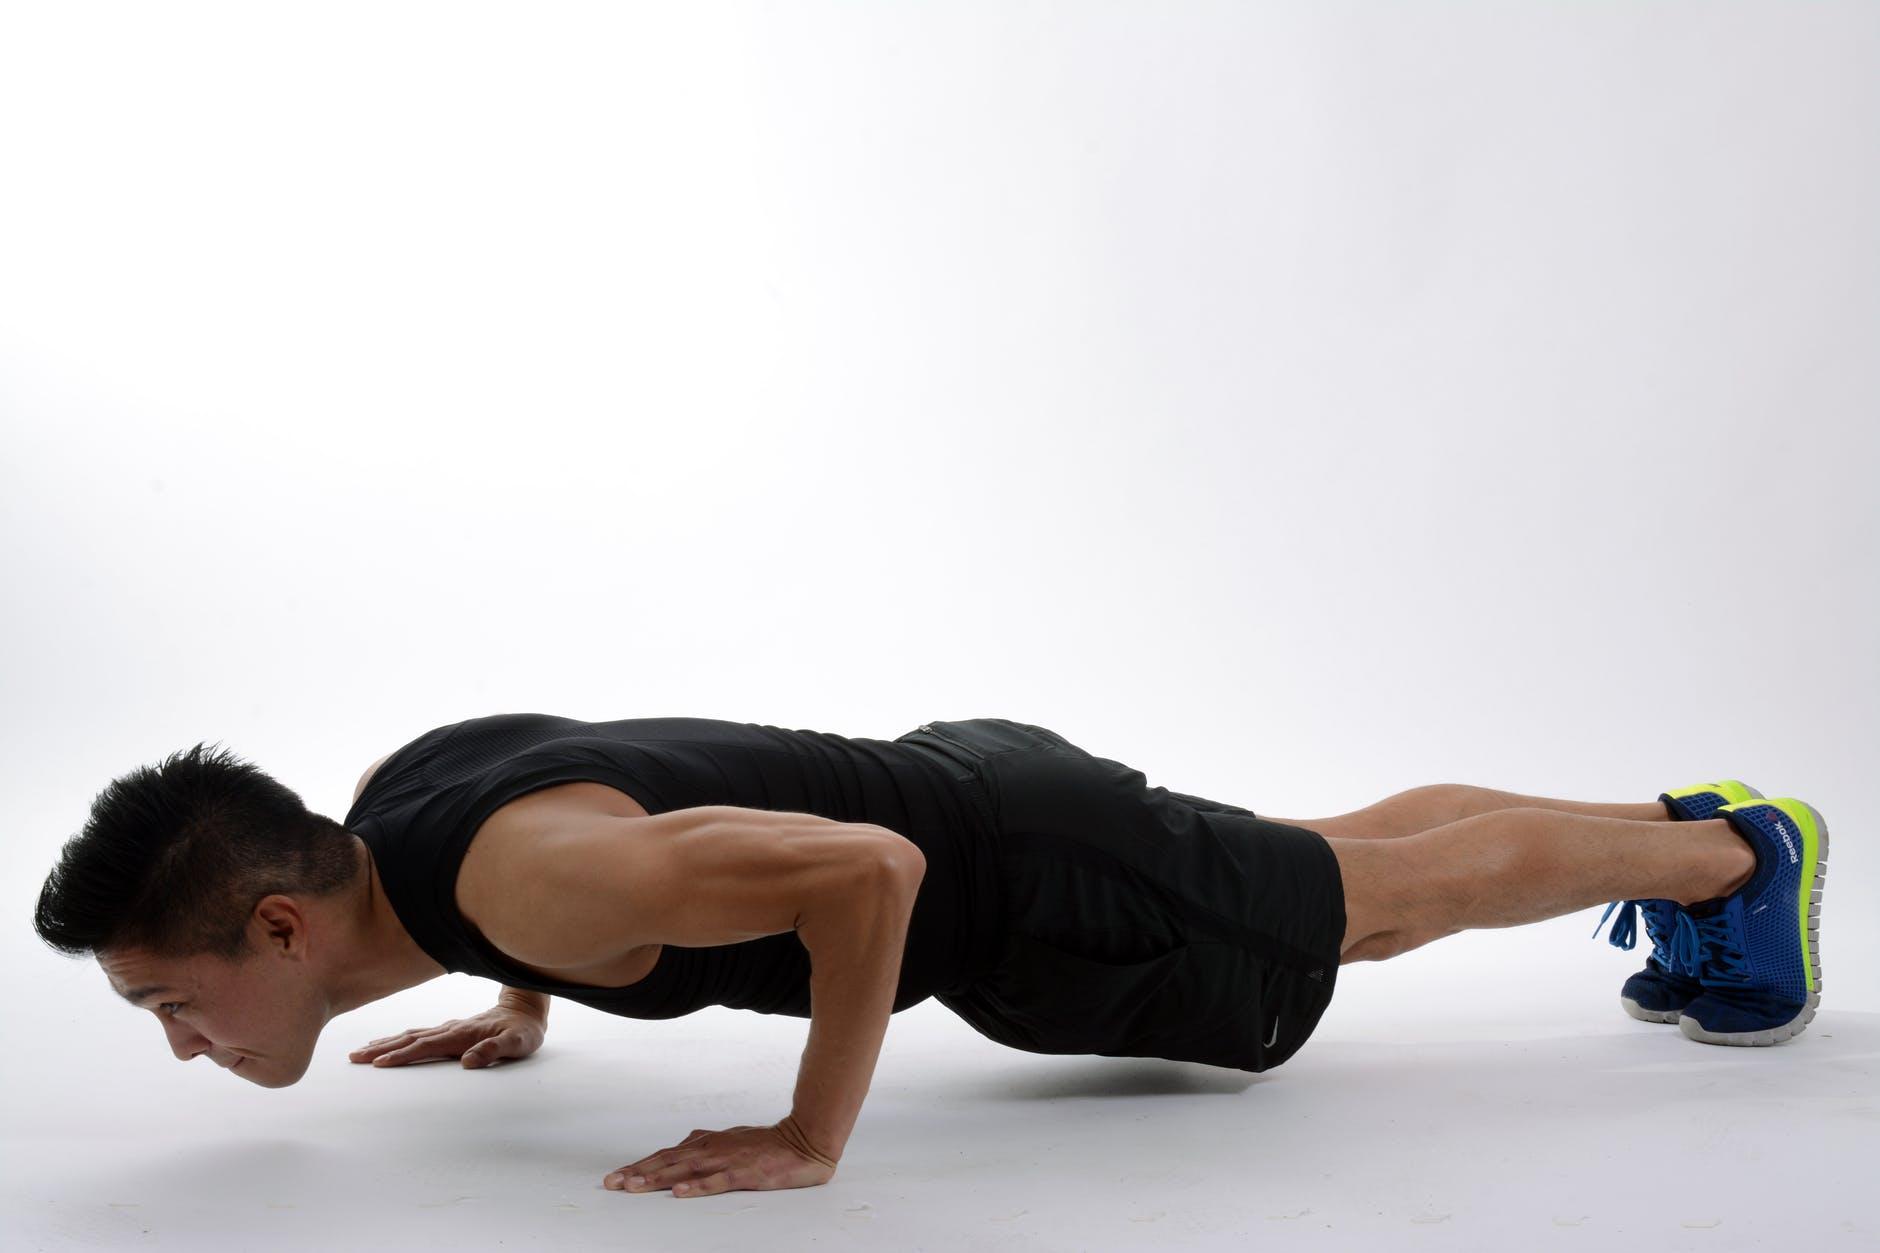 tedio na quarentena exercicio - Como espantar o tédio na quarentena